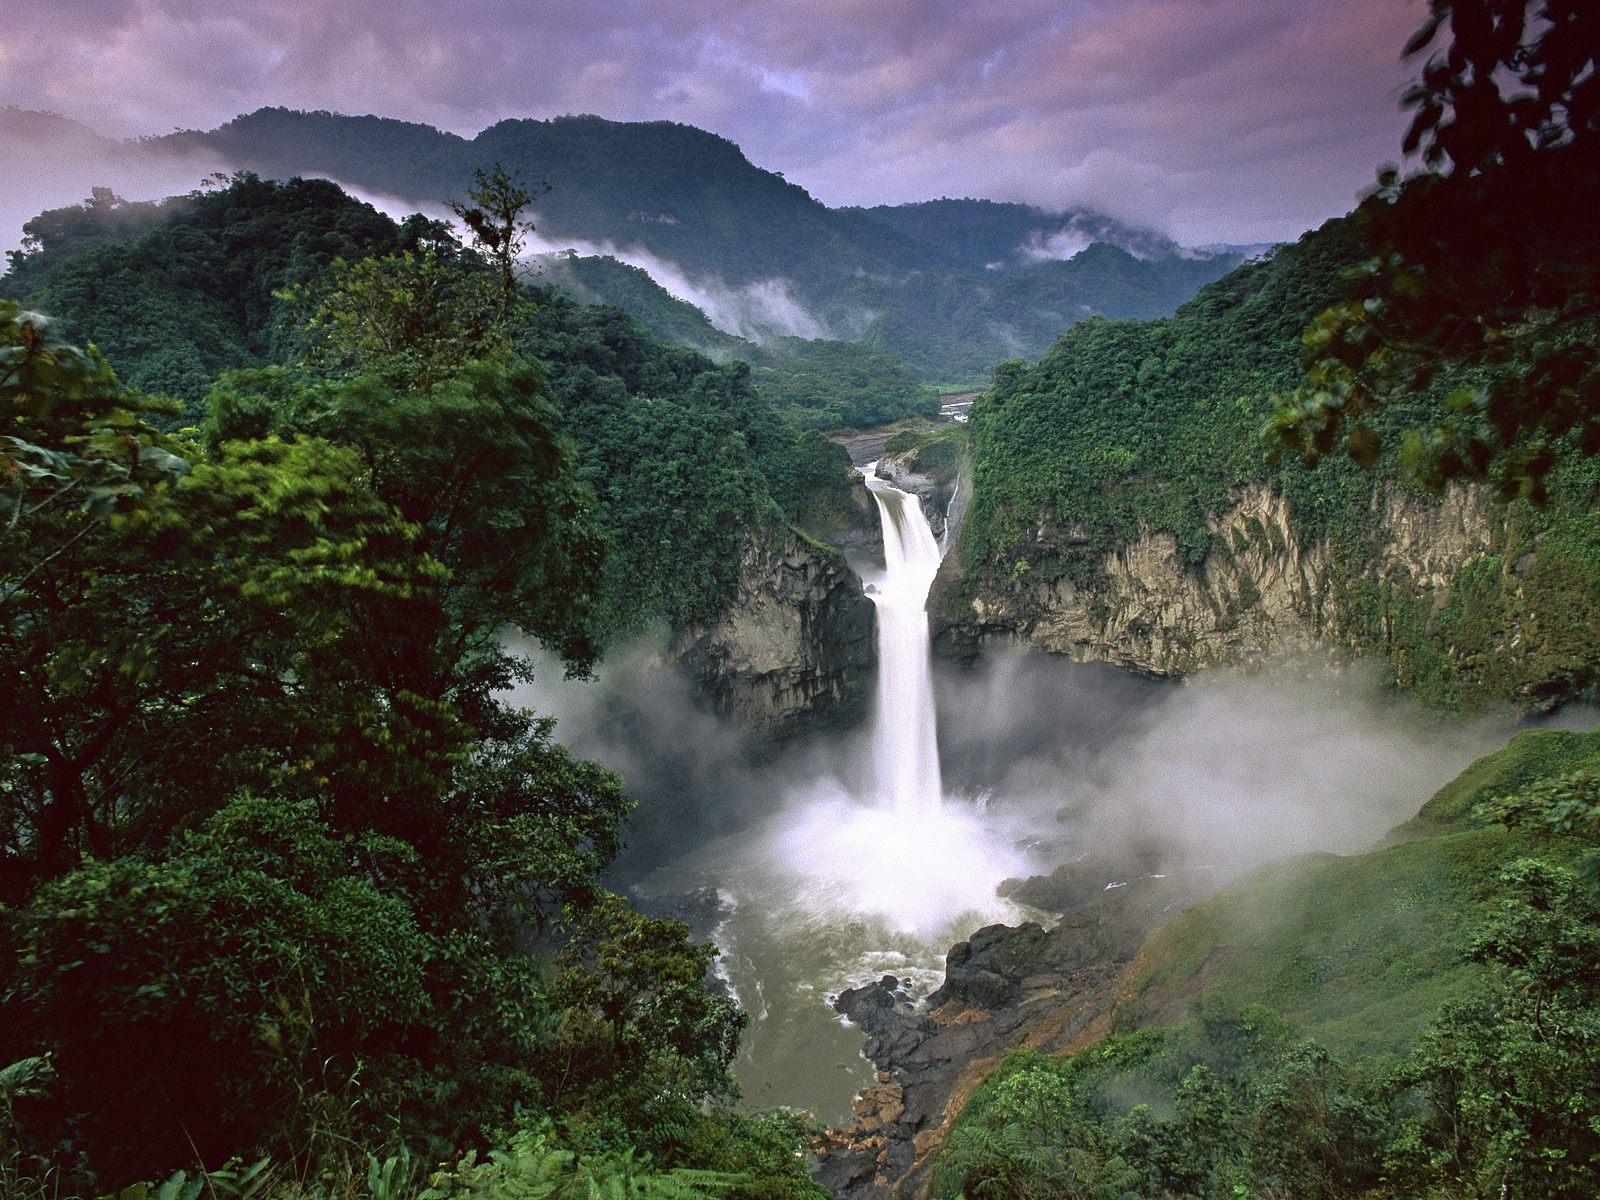 Berlino dona oltre 30milioni all'Ecuador per proteggere lo Yasuní